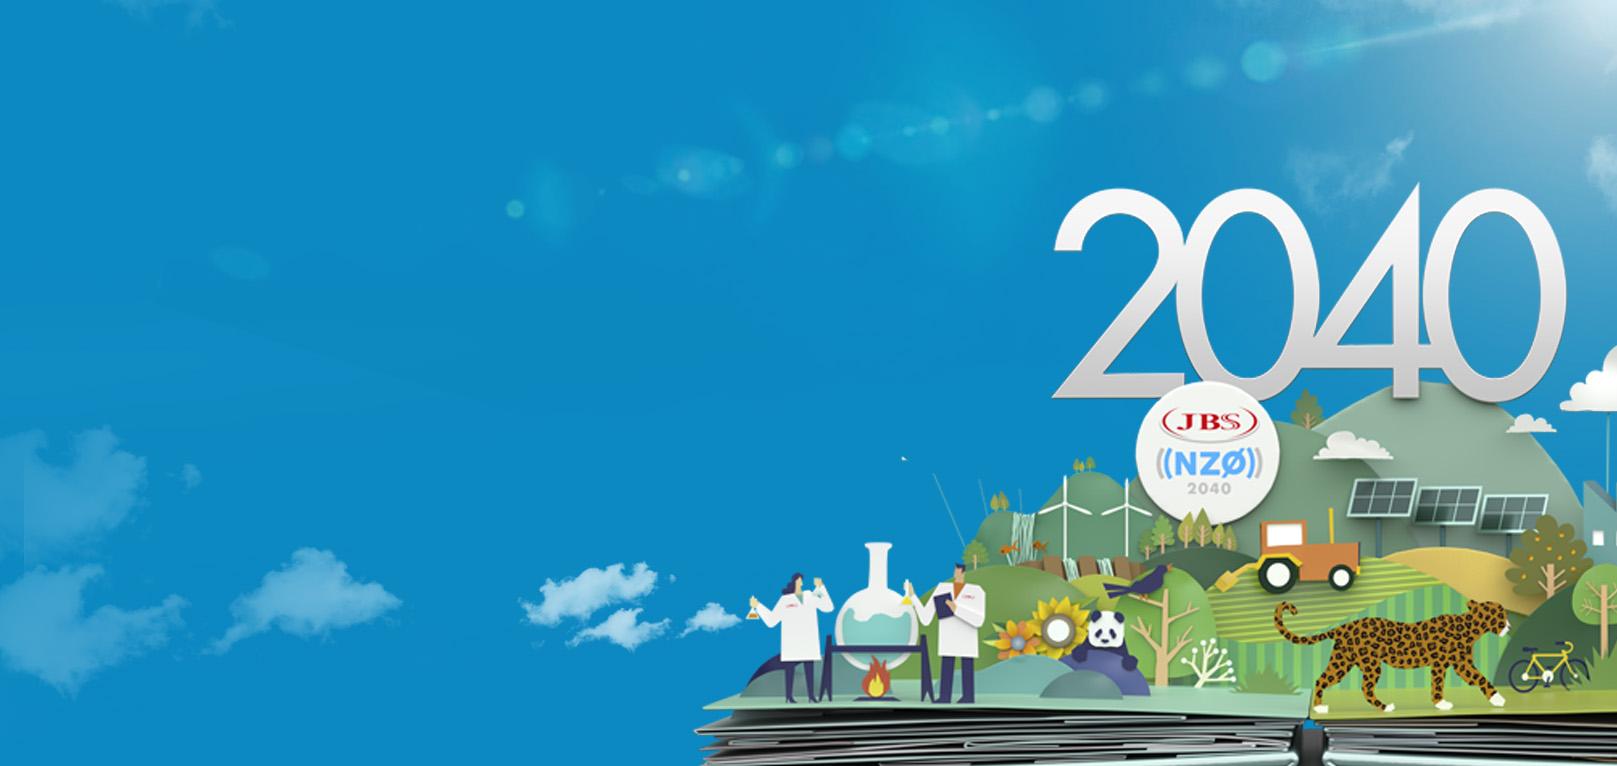 jbs net zero 2040 fundo com duas figuras de cientistas, um panda e uma onça